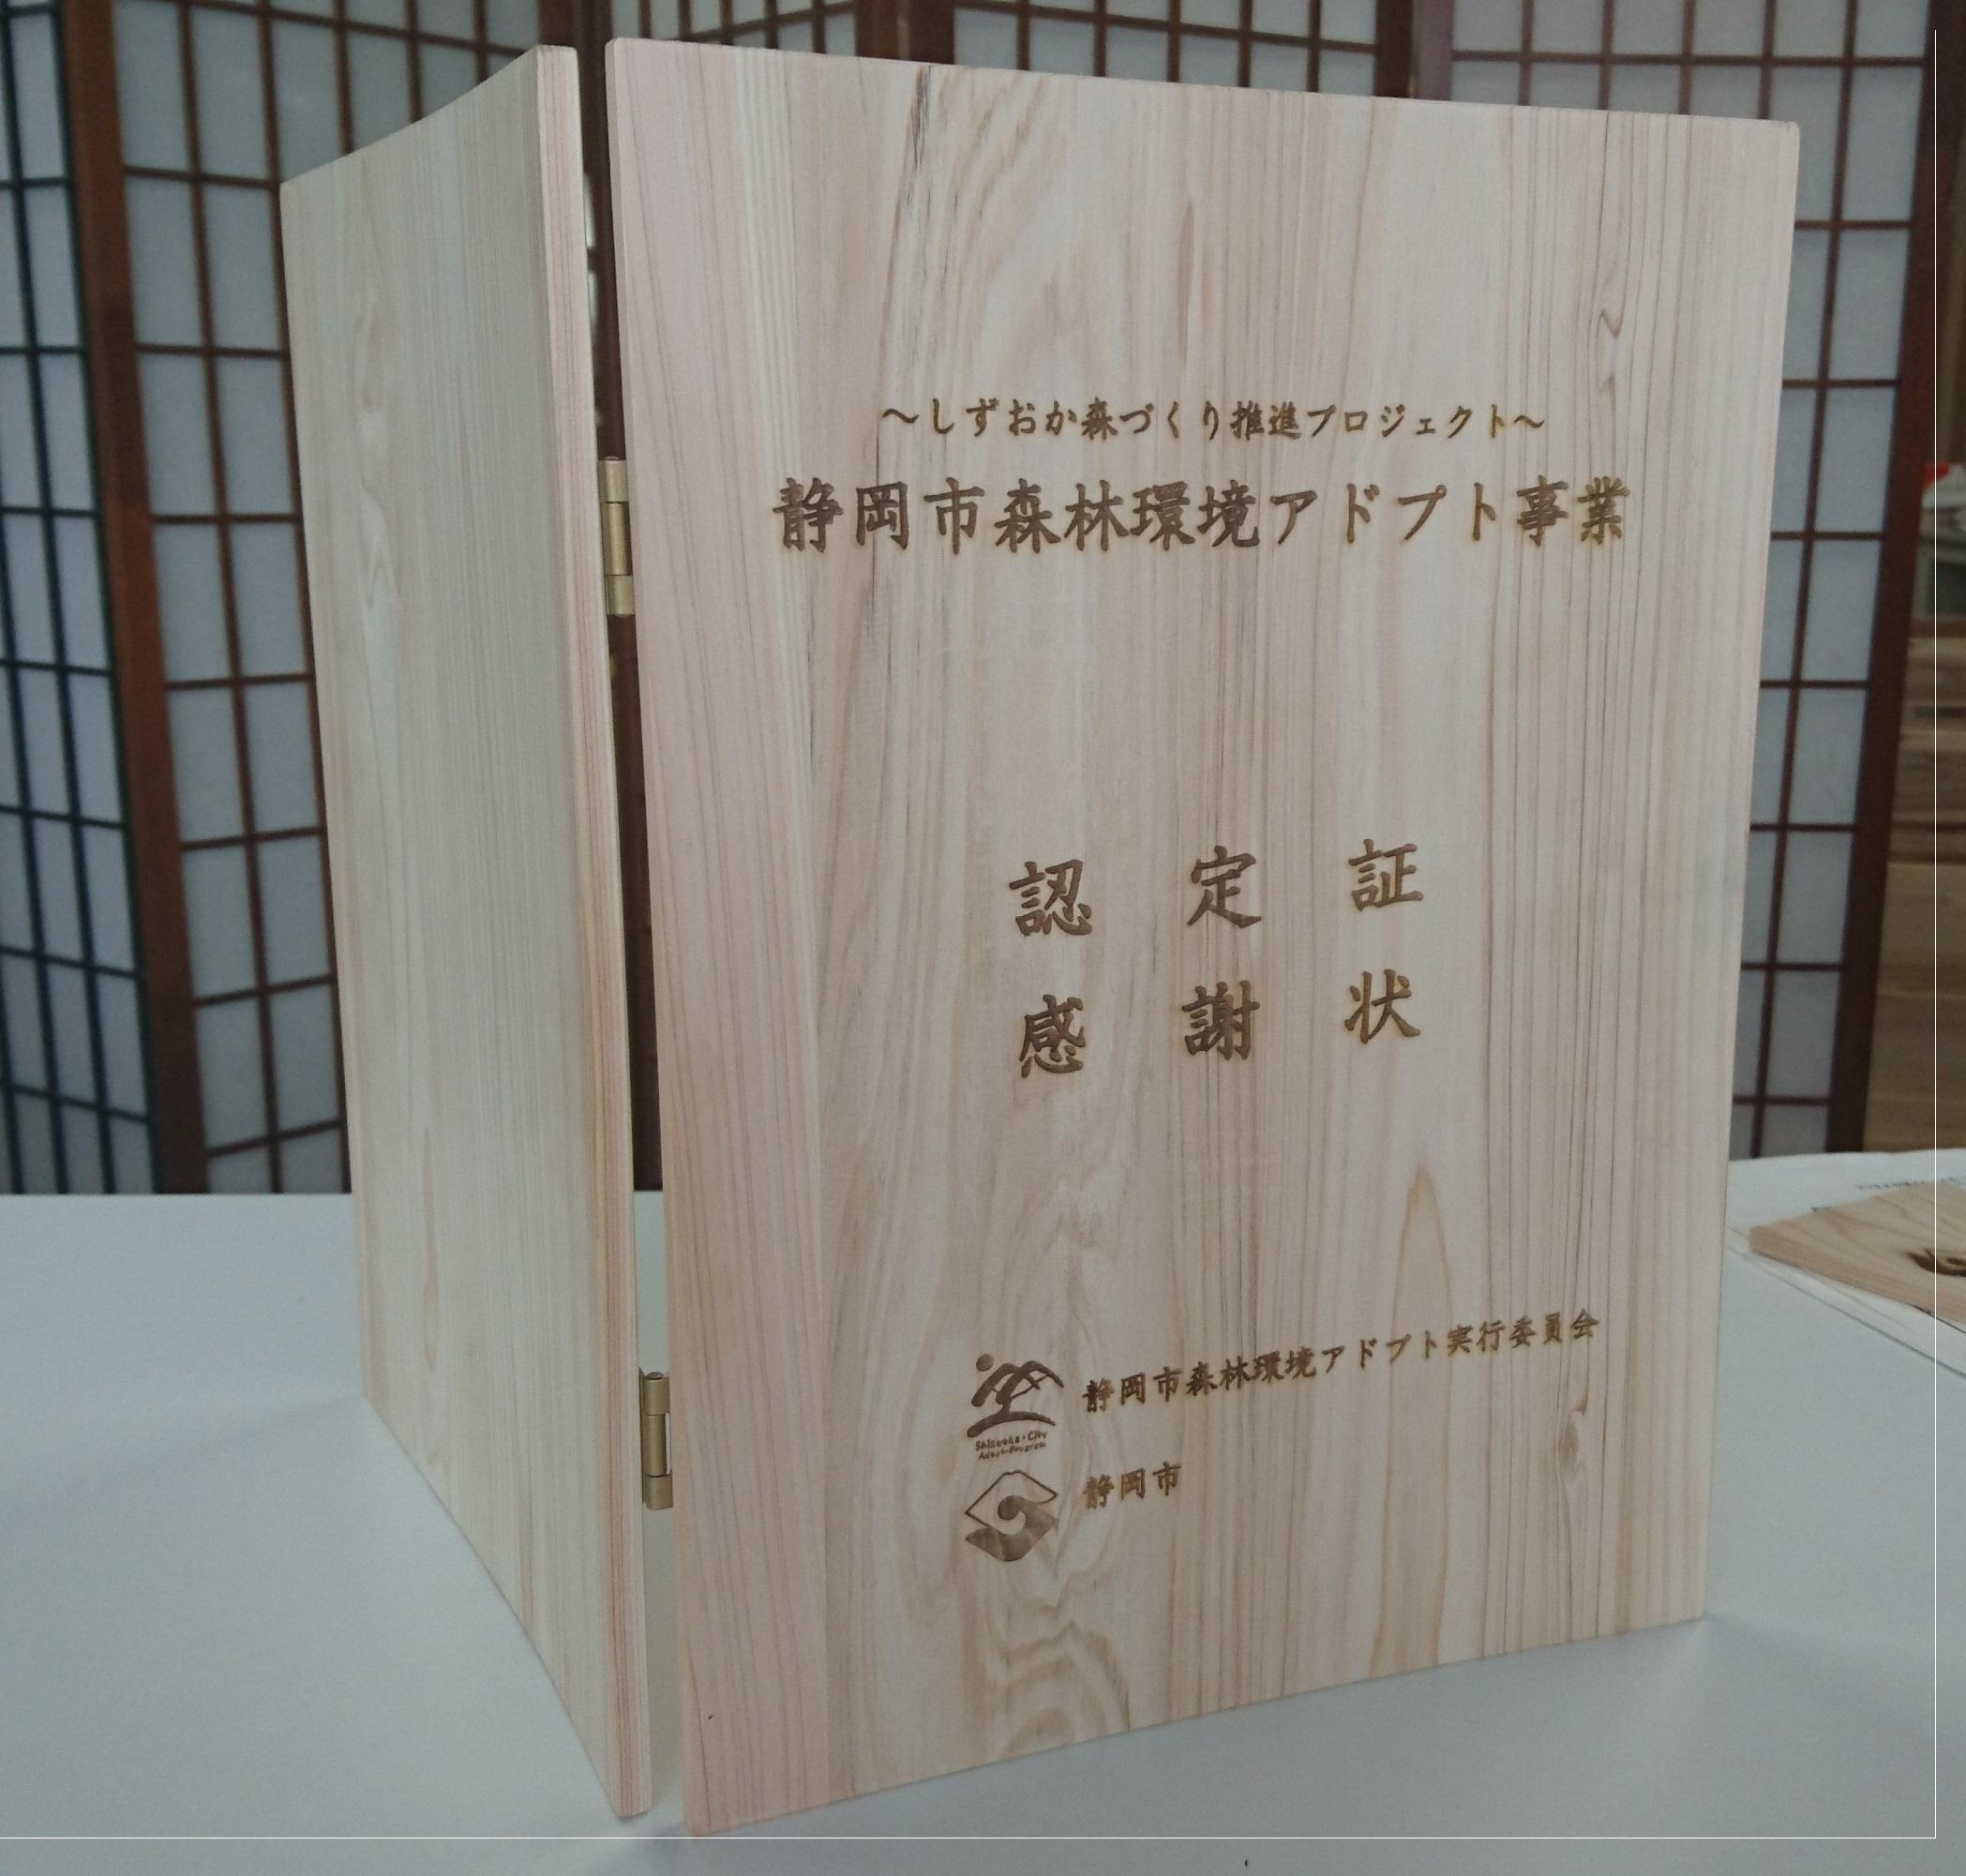 http://www.shizutan.jp/ondanka/event/images/DSC_0374.JPG